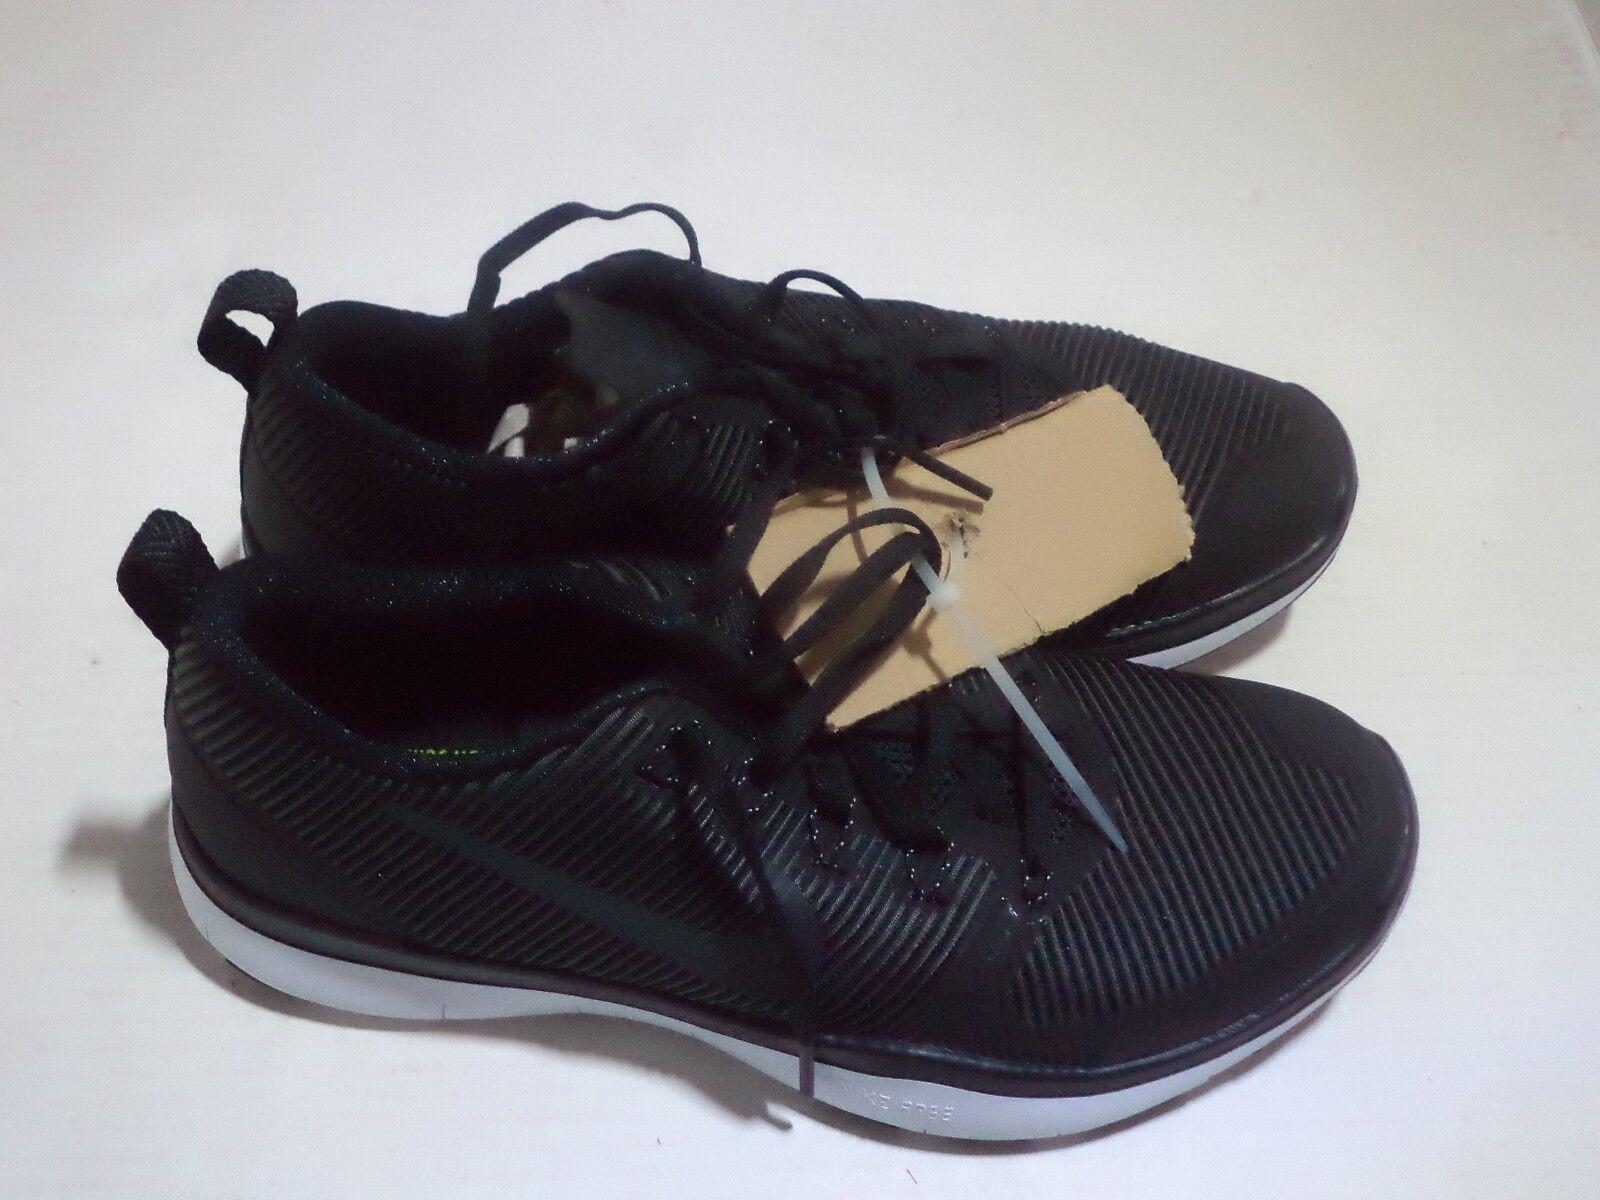 Nike Nike Nike männer freie bahn vielseitigkeit sportliche schuhe in größe 10 farbe schwarz - weiß bc7d8e